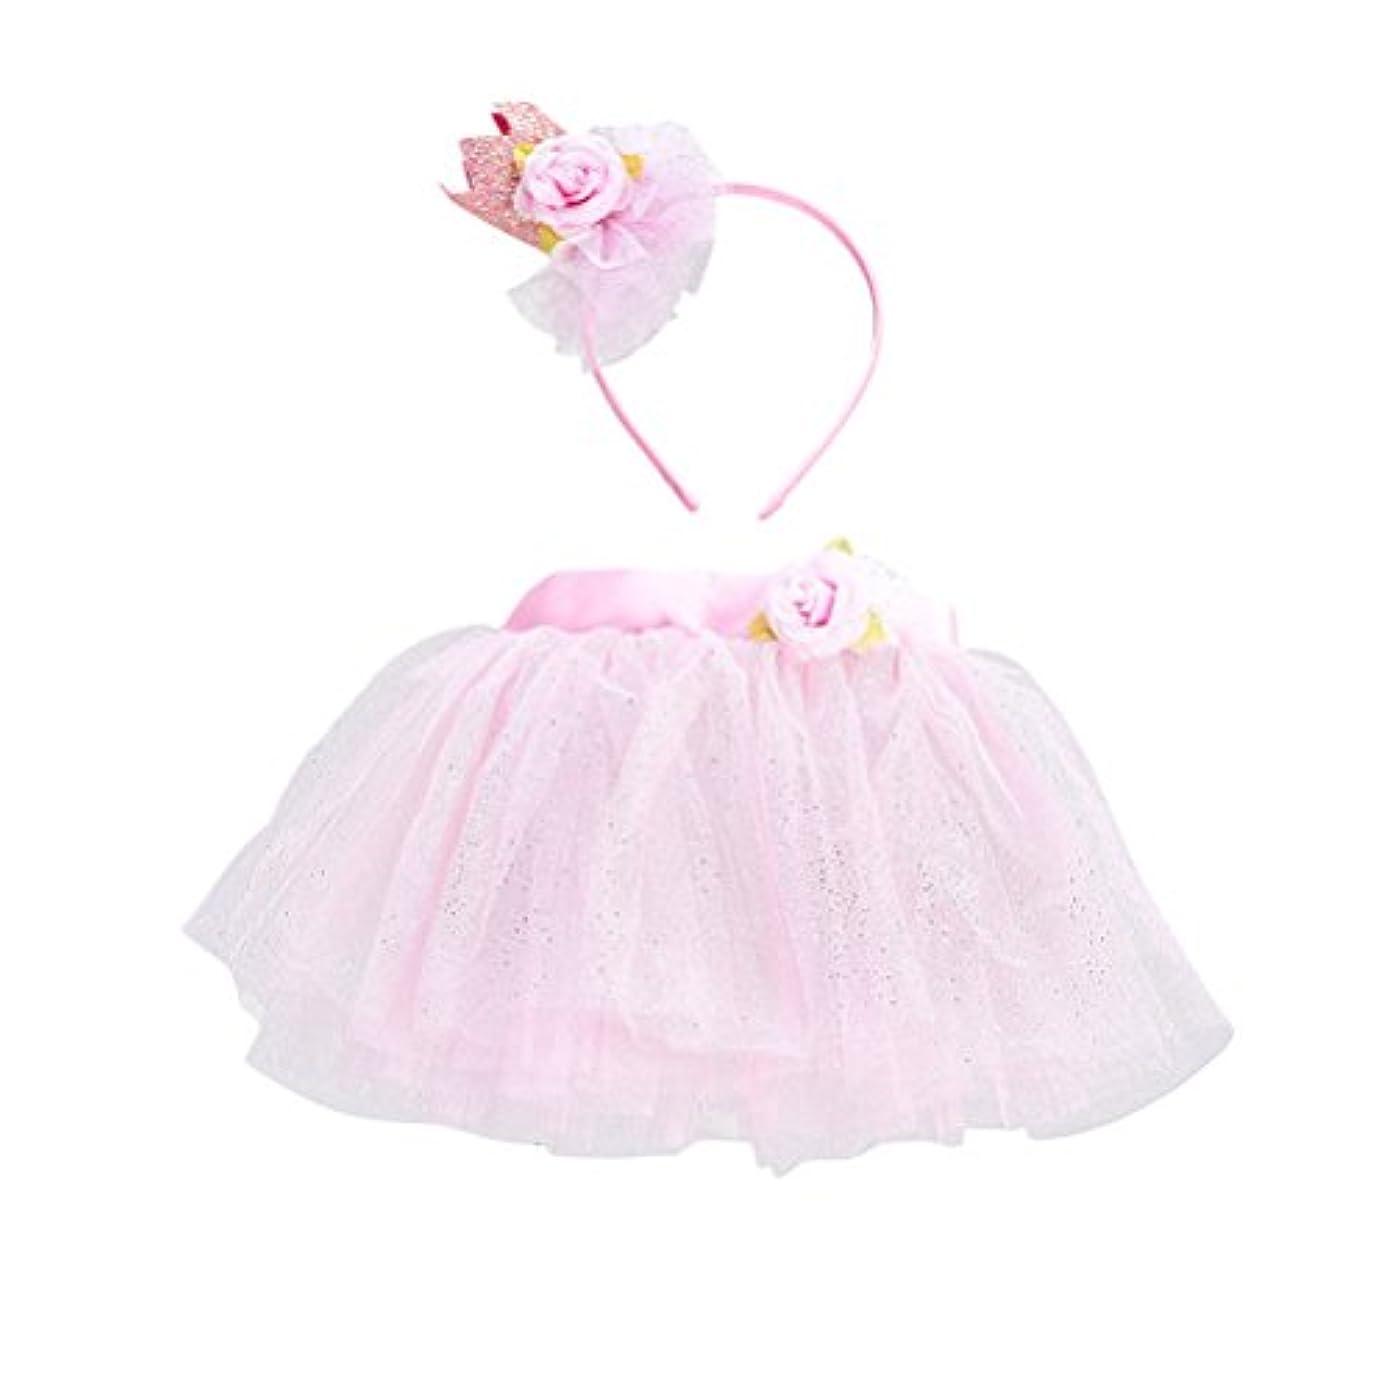 不毛才能のある効率的LUOEM 女の子TutuスカートセットヘッドバンドプリンセスガールTutu服装Baby Girls Birthday Outfit Set(ピンク)